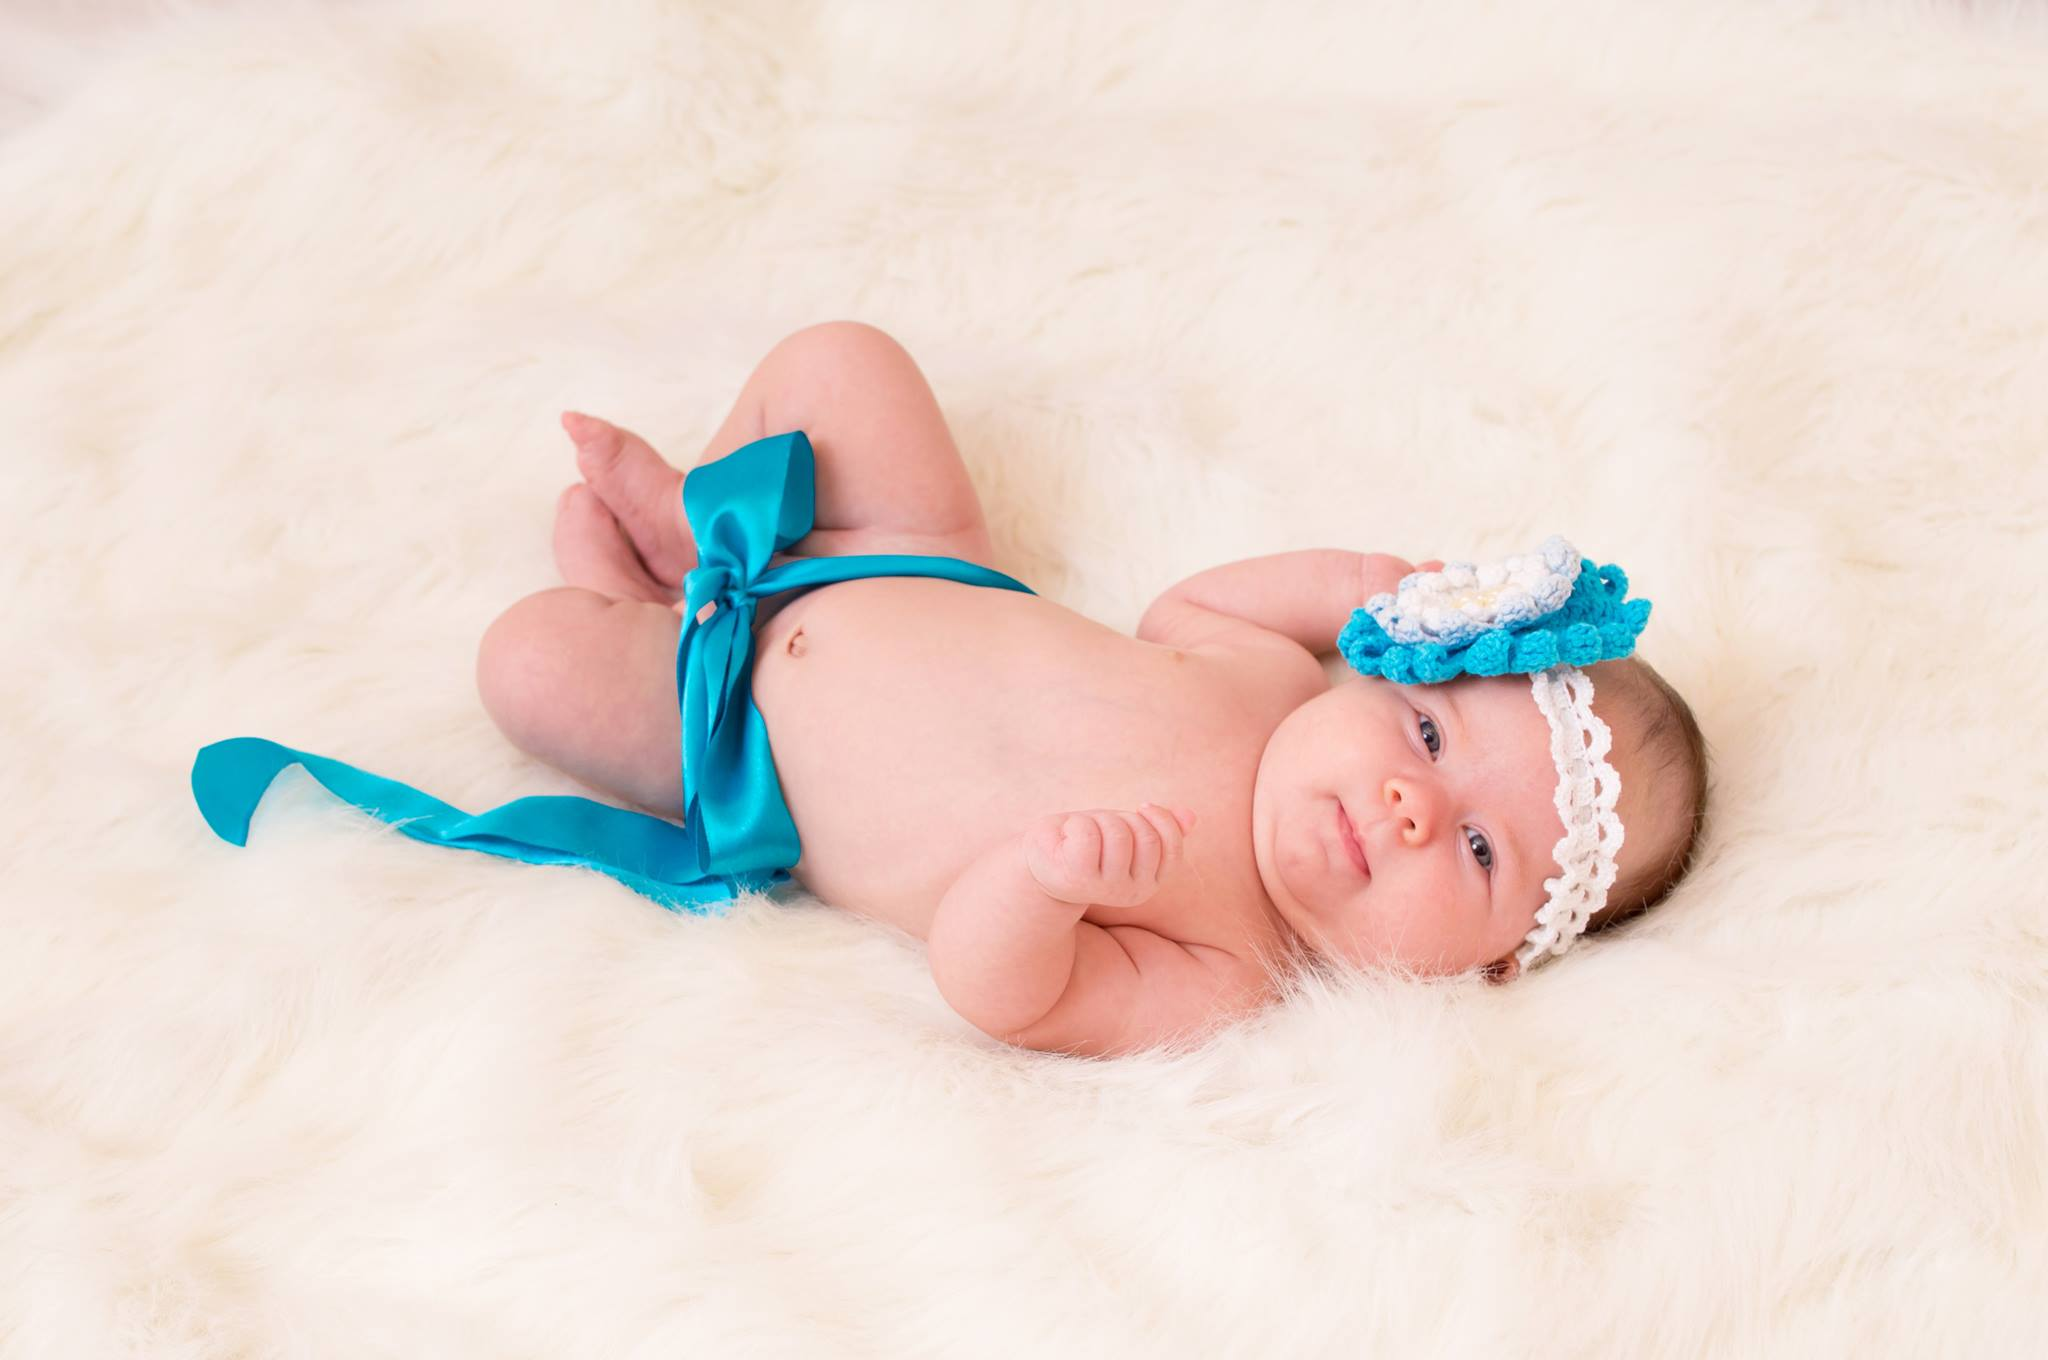 что делать сразу после родов, восстановление после родов, восстановление после кесарева сечения